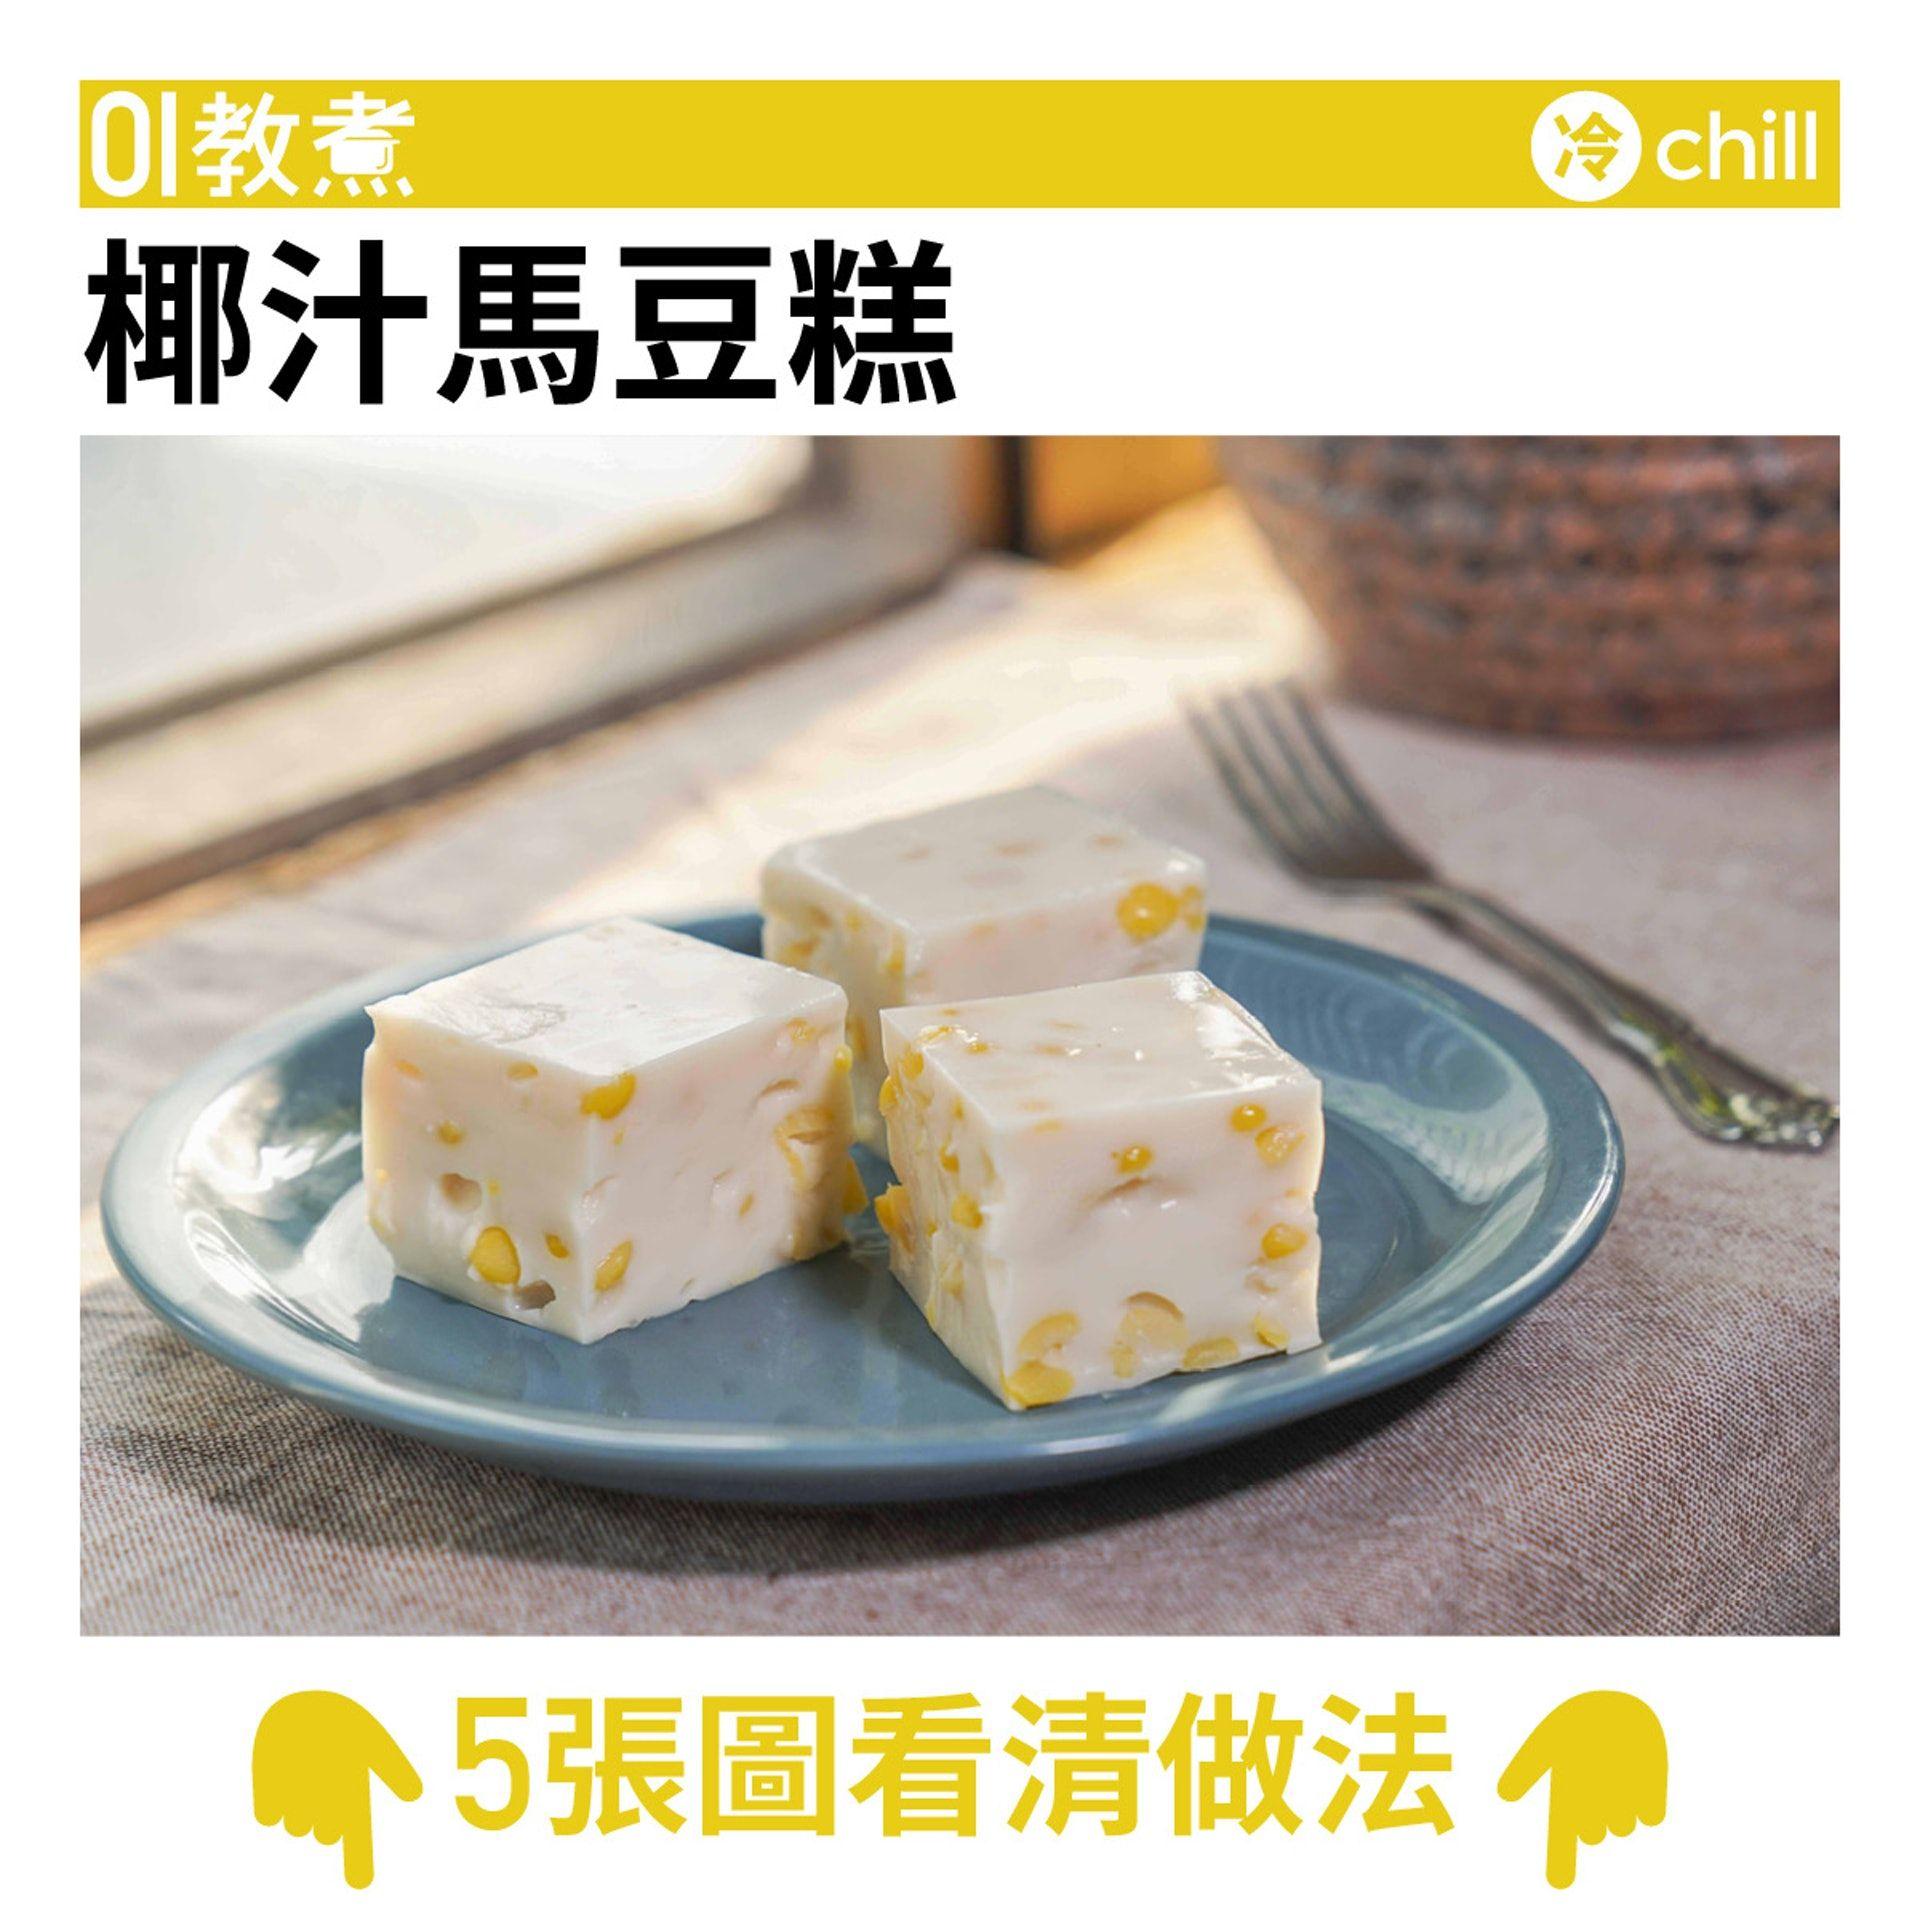 椰汁馬豆糕食譜 | Food, Recipes